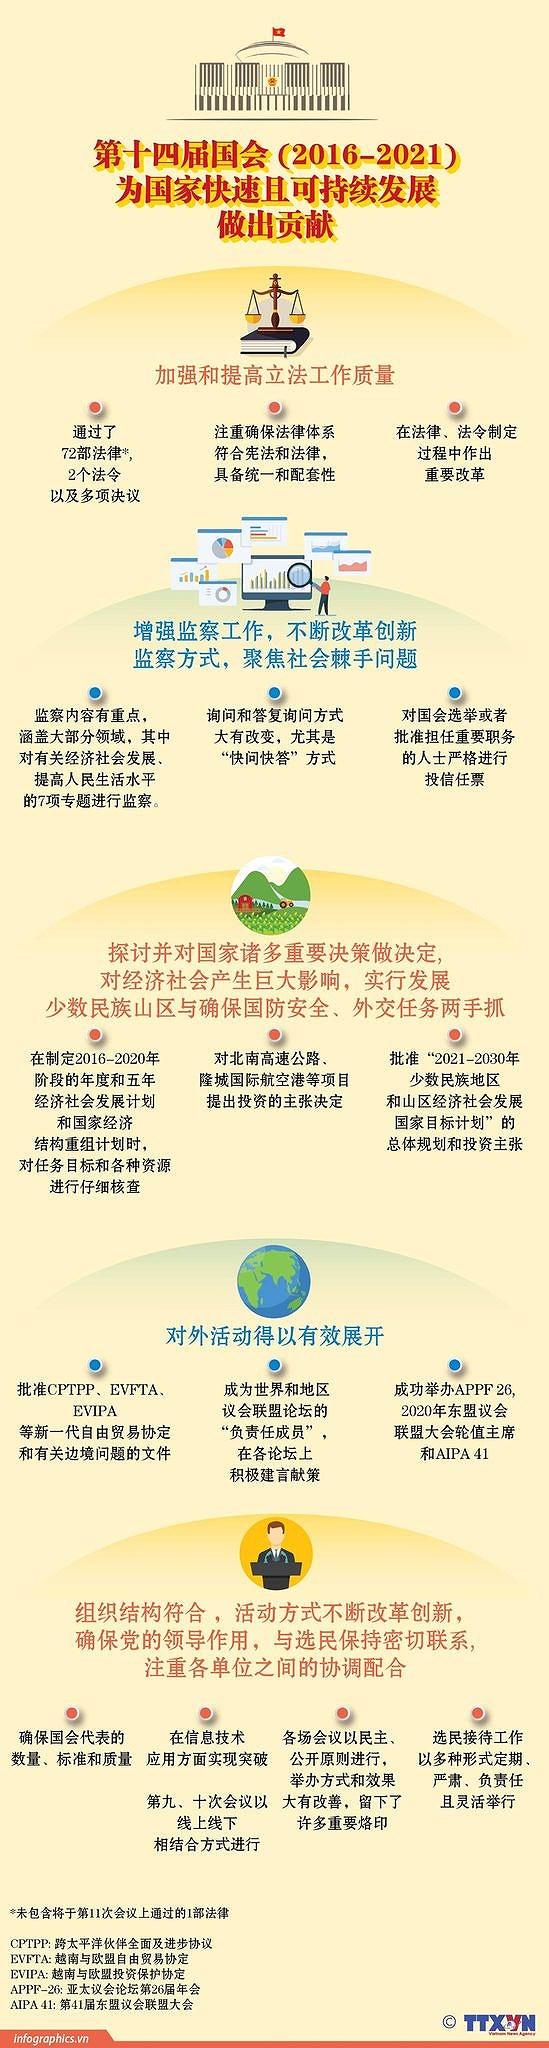 越南国会——最高国家权力机关和人民最高代表机构 hinh anh 4